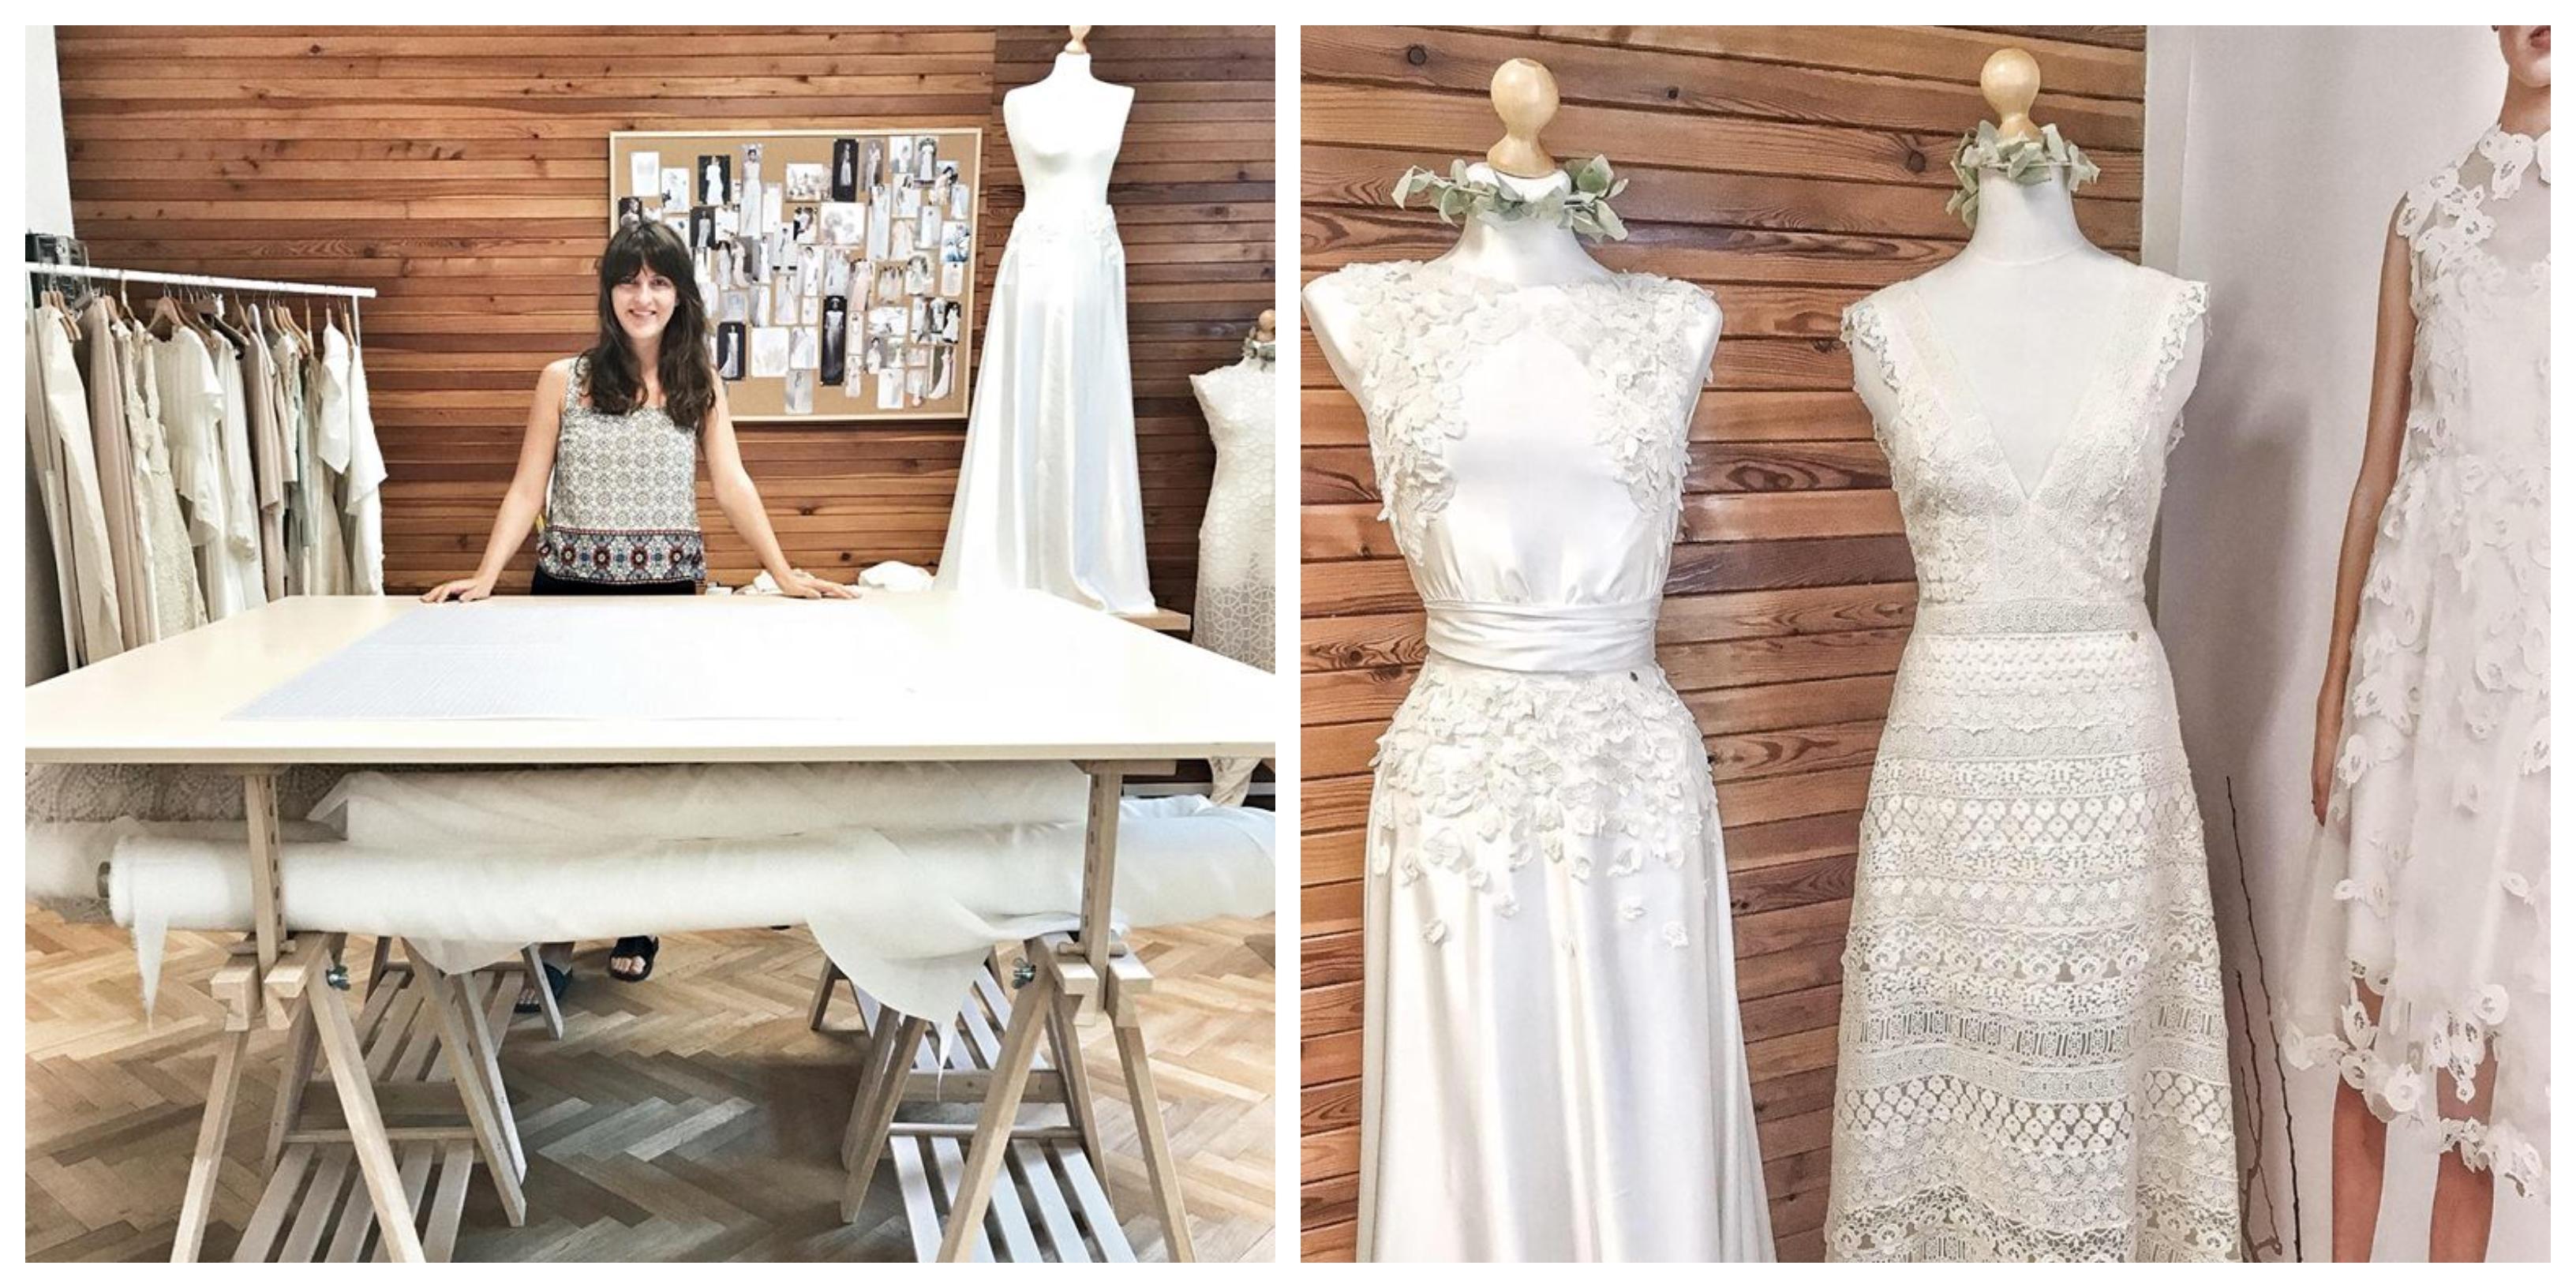 ce28795d1b5c Prvé svadobné šaty som ušila na žiadosť od klientky zo záclony jej ...